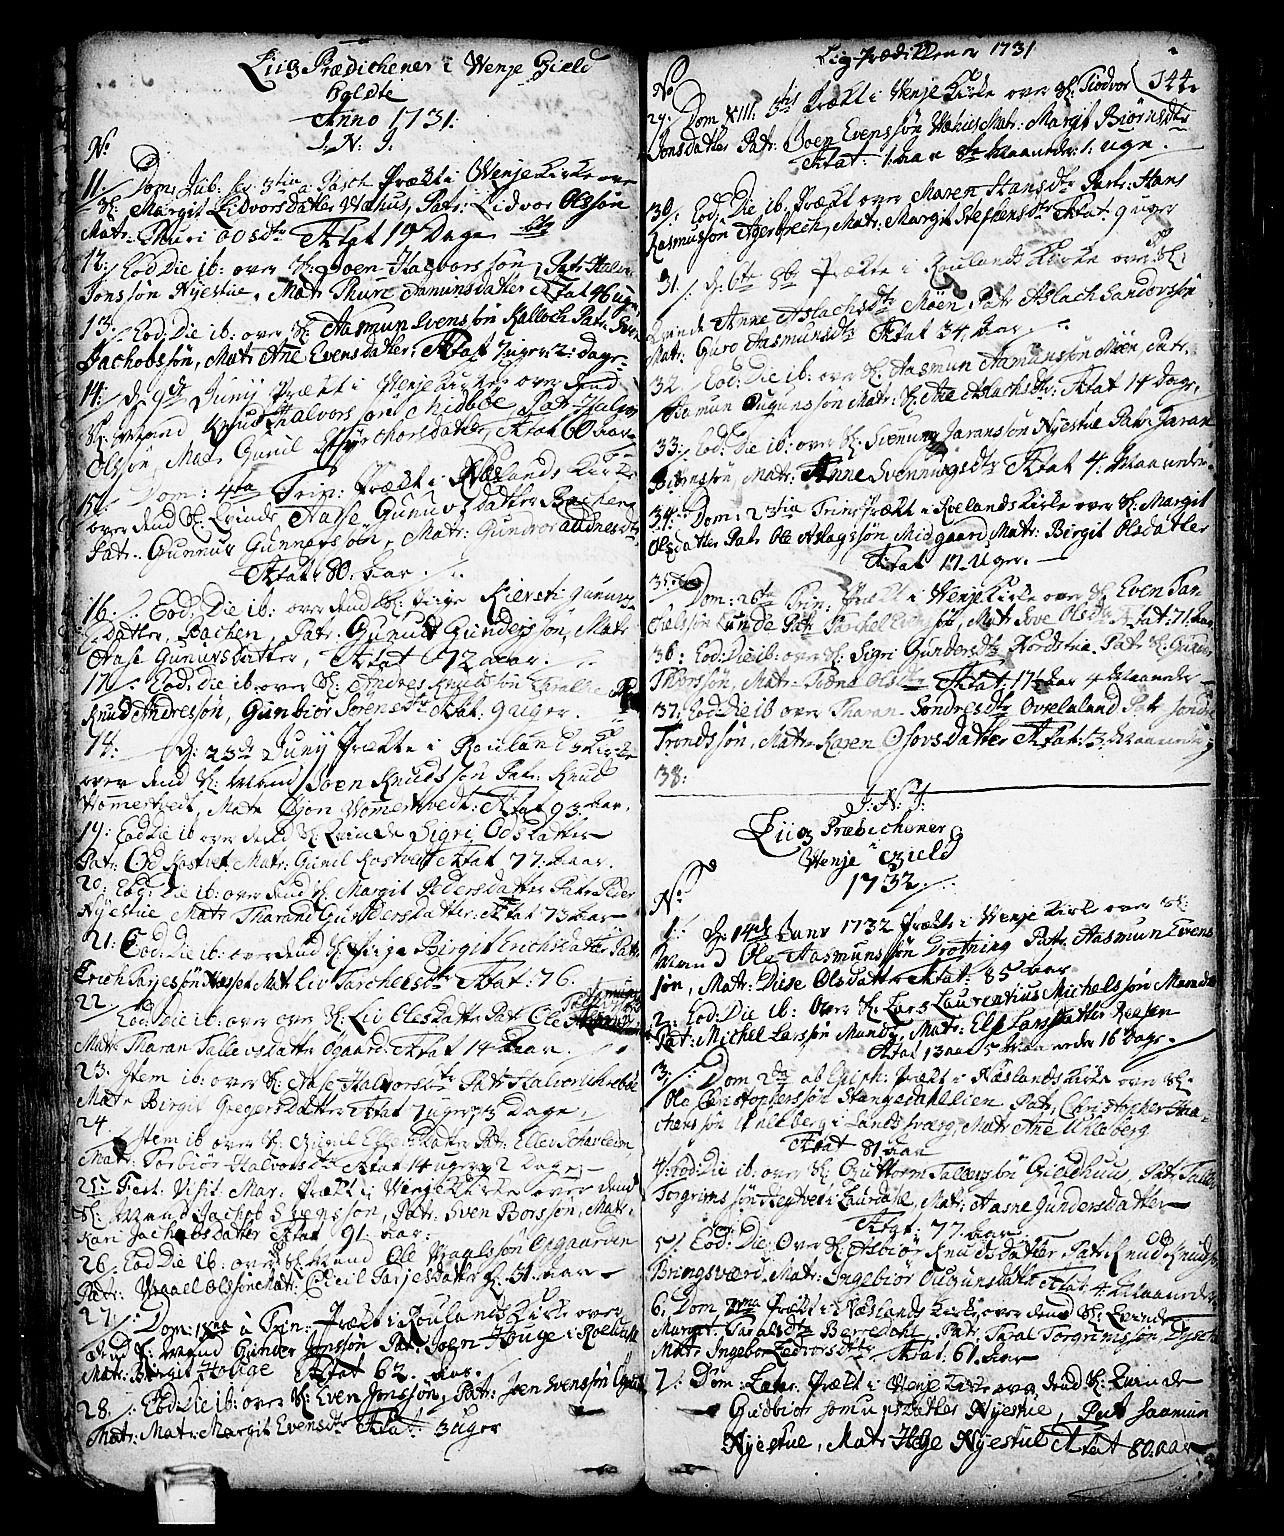 SAKO, Vinje kirkebøker, F/Fa/L0001: Parish register (official) no. I 1, 1717-1766, p. 144